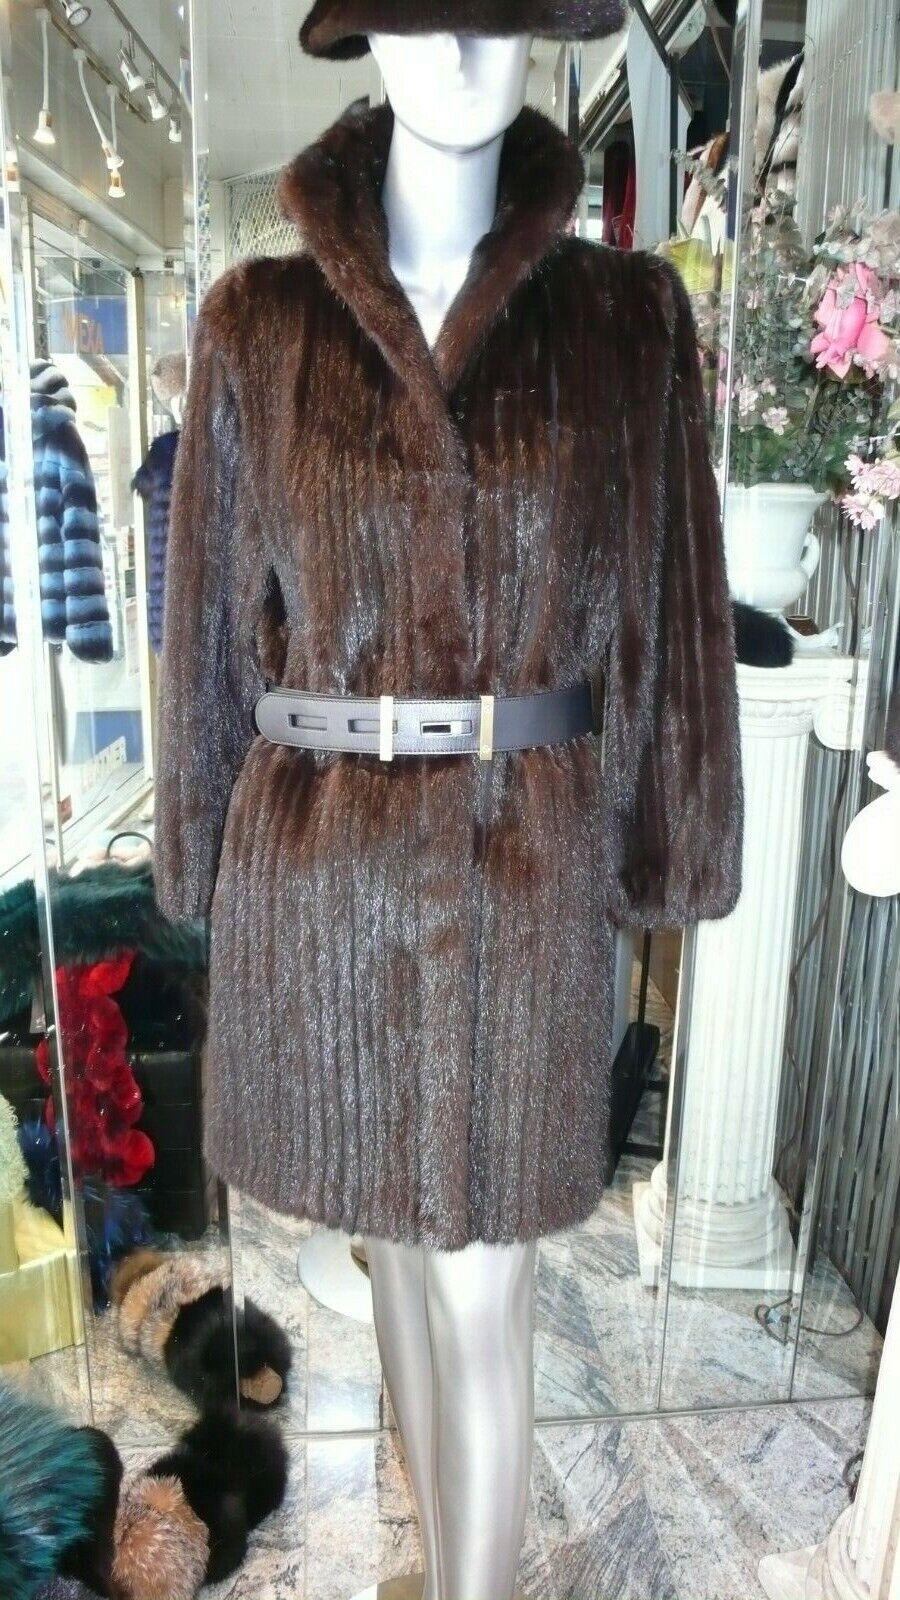 Gran valor Caoba de  piel de visón abrigo Abrigado Juvenil Talla 8 Seminuevo DE PIEL DE VISÓN SAGA  alta calidad y envío rápido